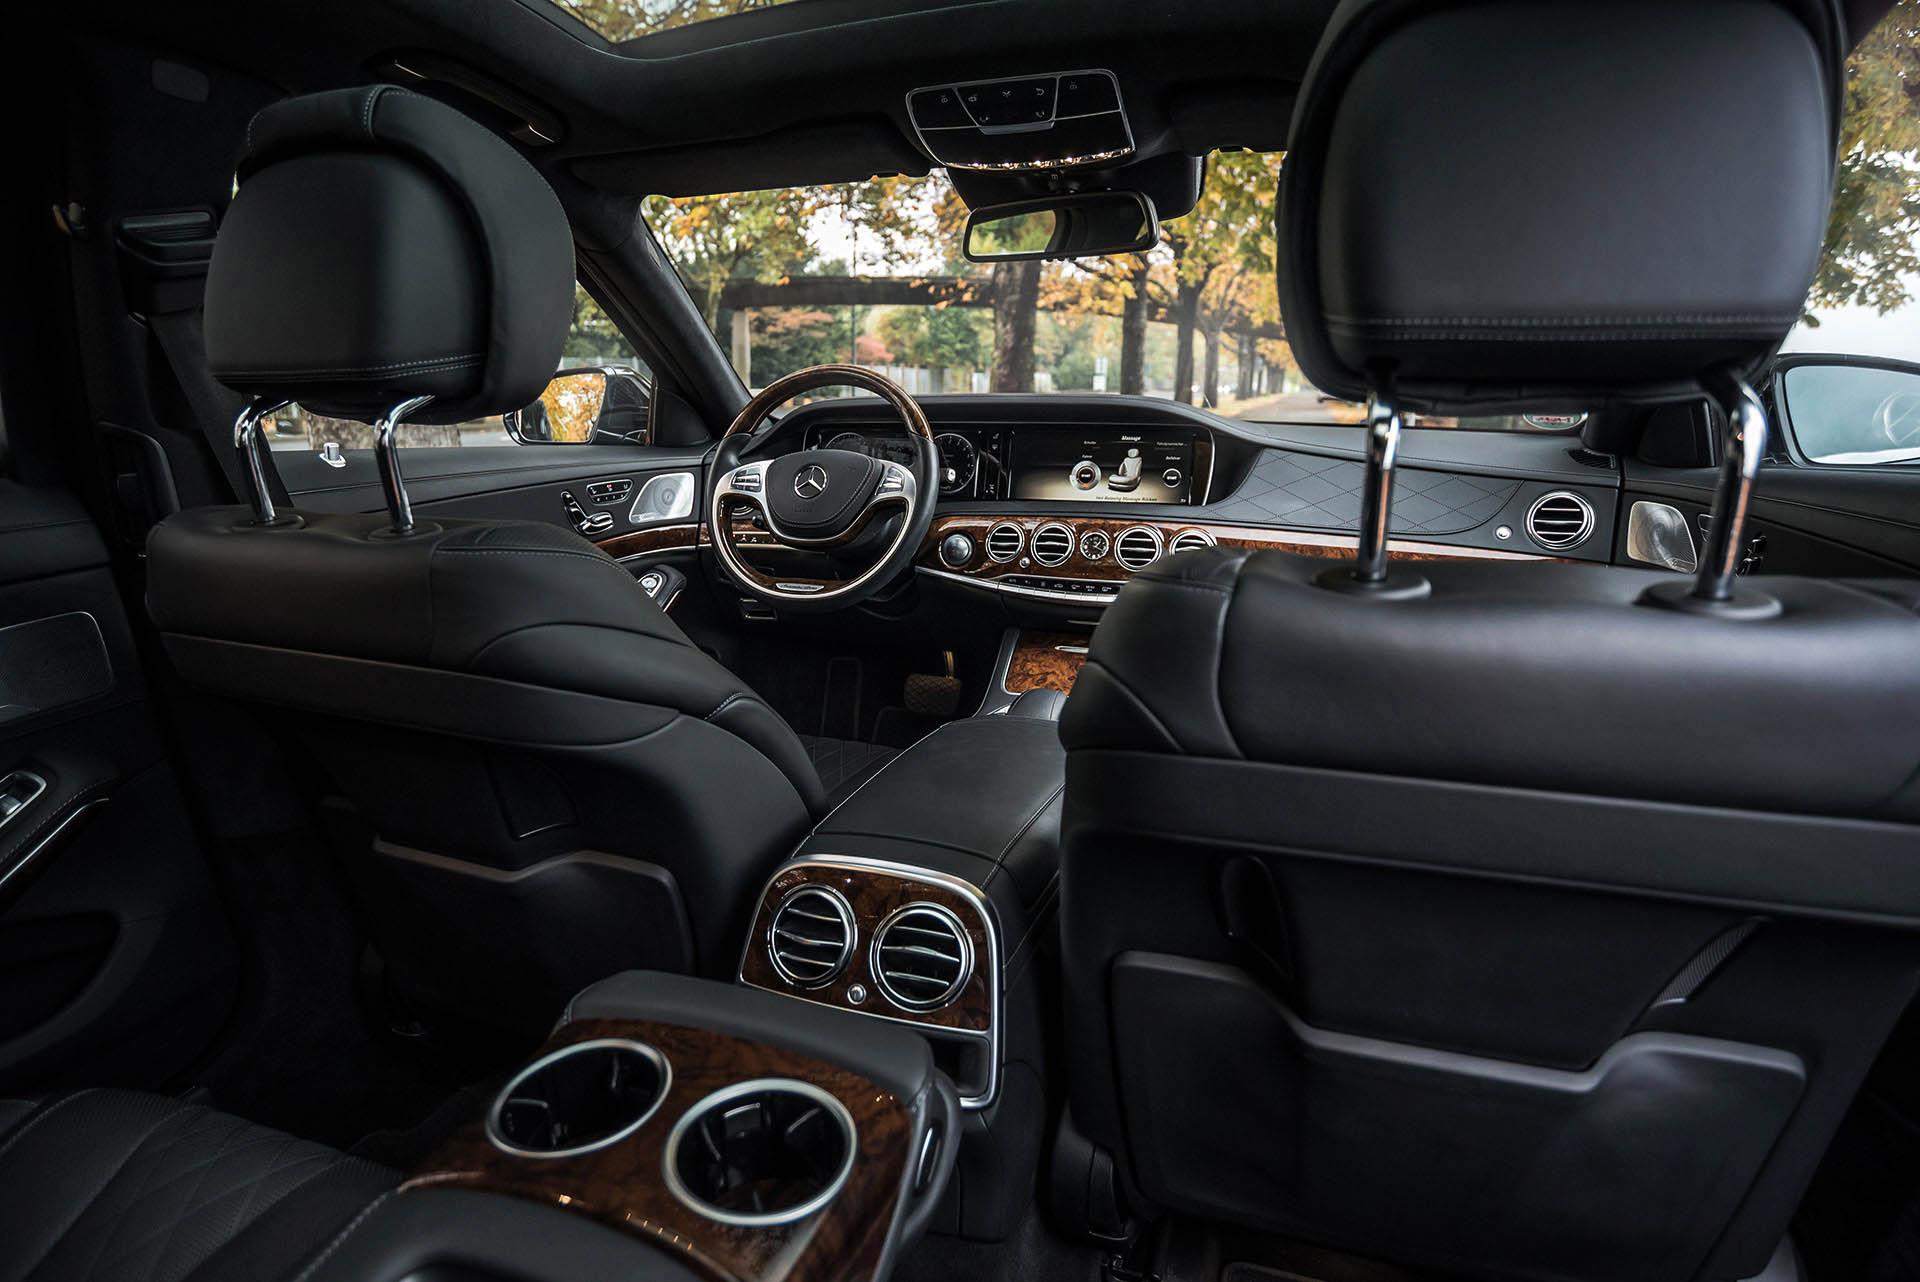 B+K_Sportwagen_Rheinland_GmbH_Mercedes_Benz_Sklasse_500_schwarz_11